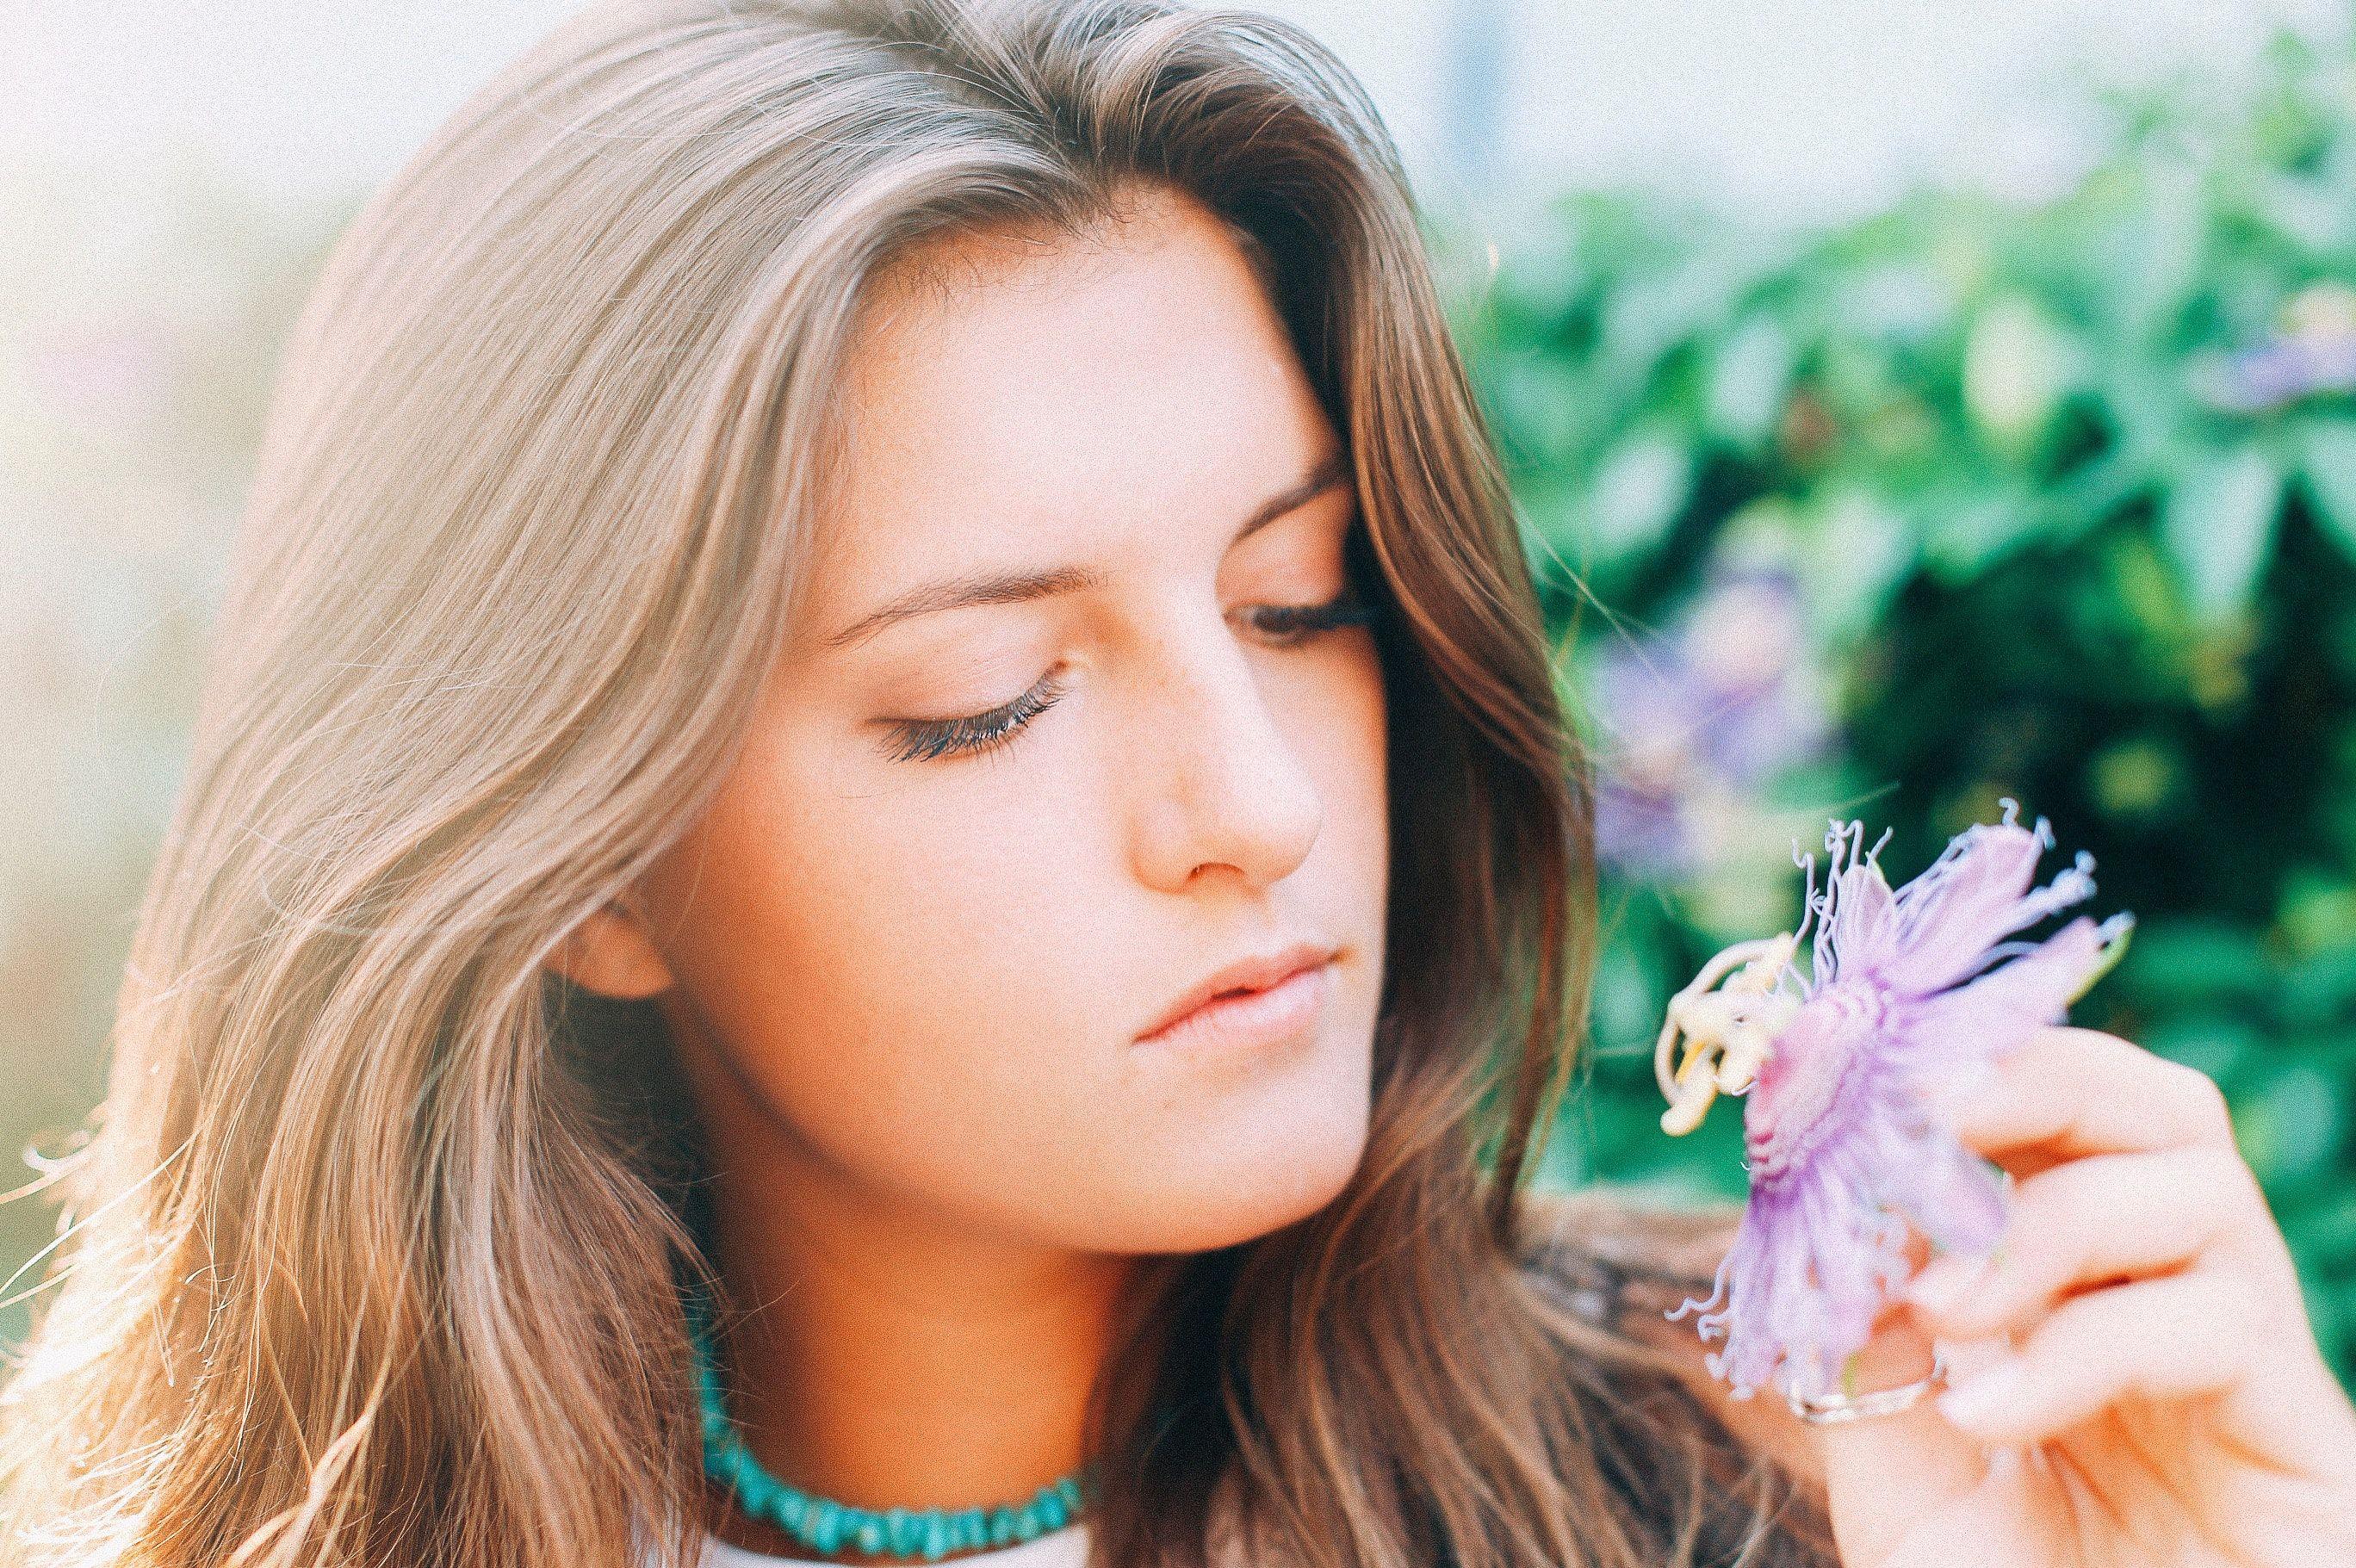 Bí quyết làm đẹp-Cô gái cầm hoa tím.